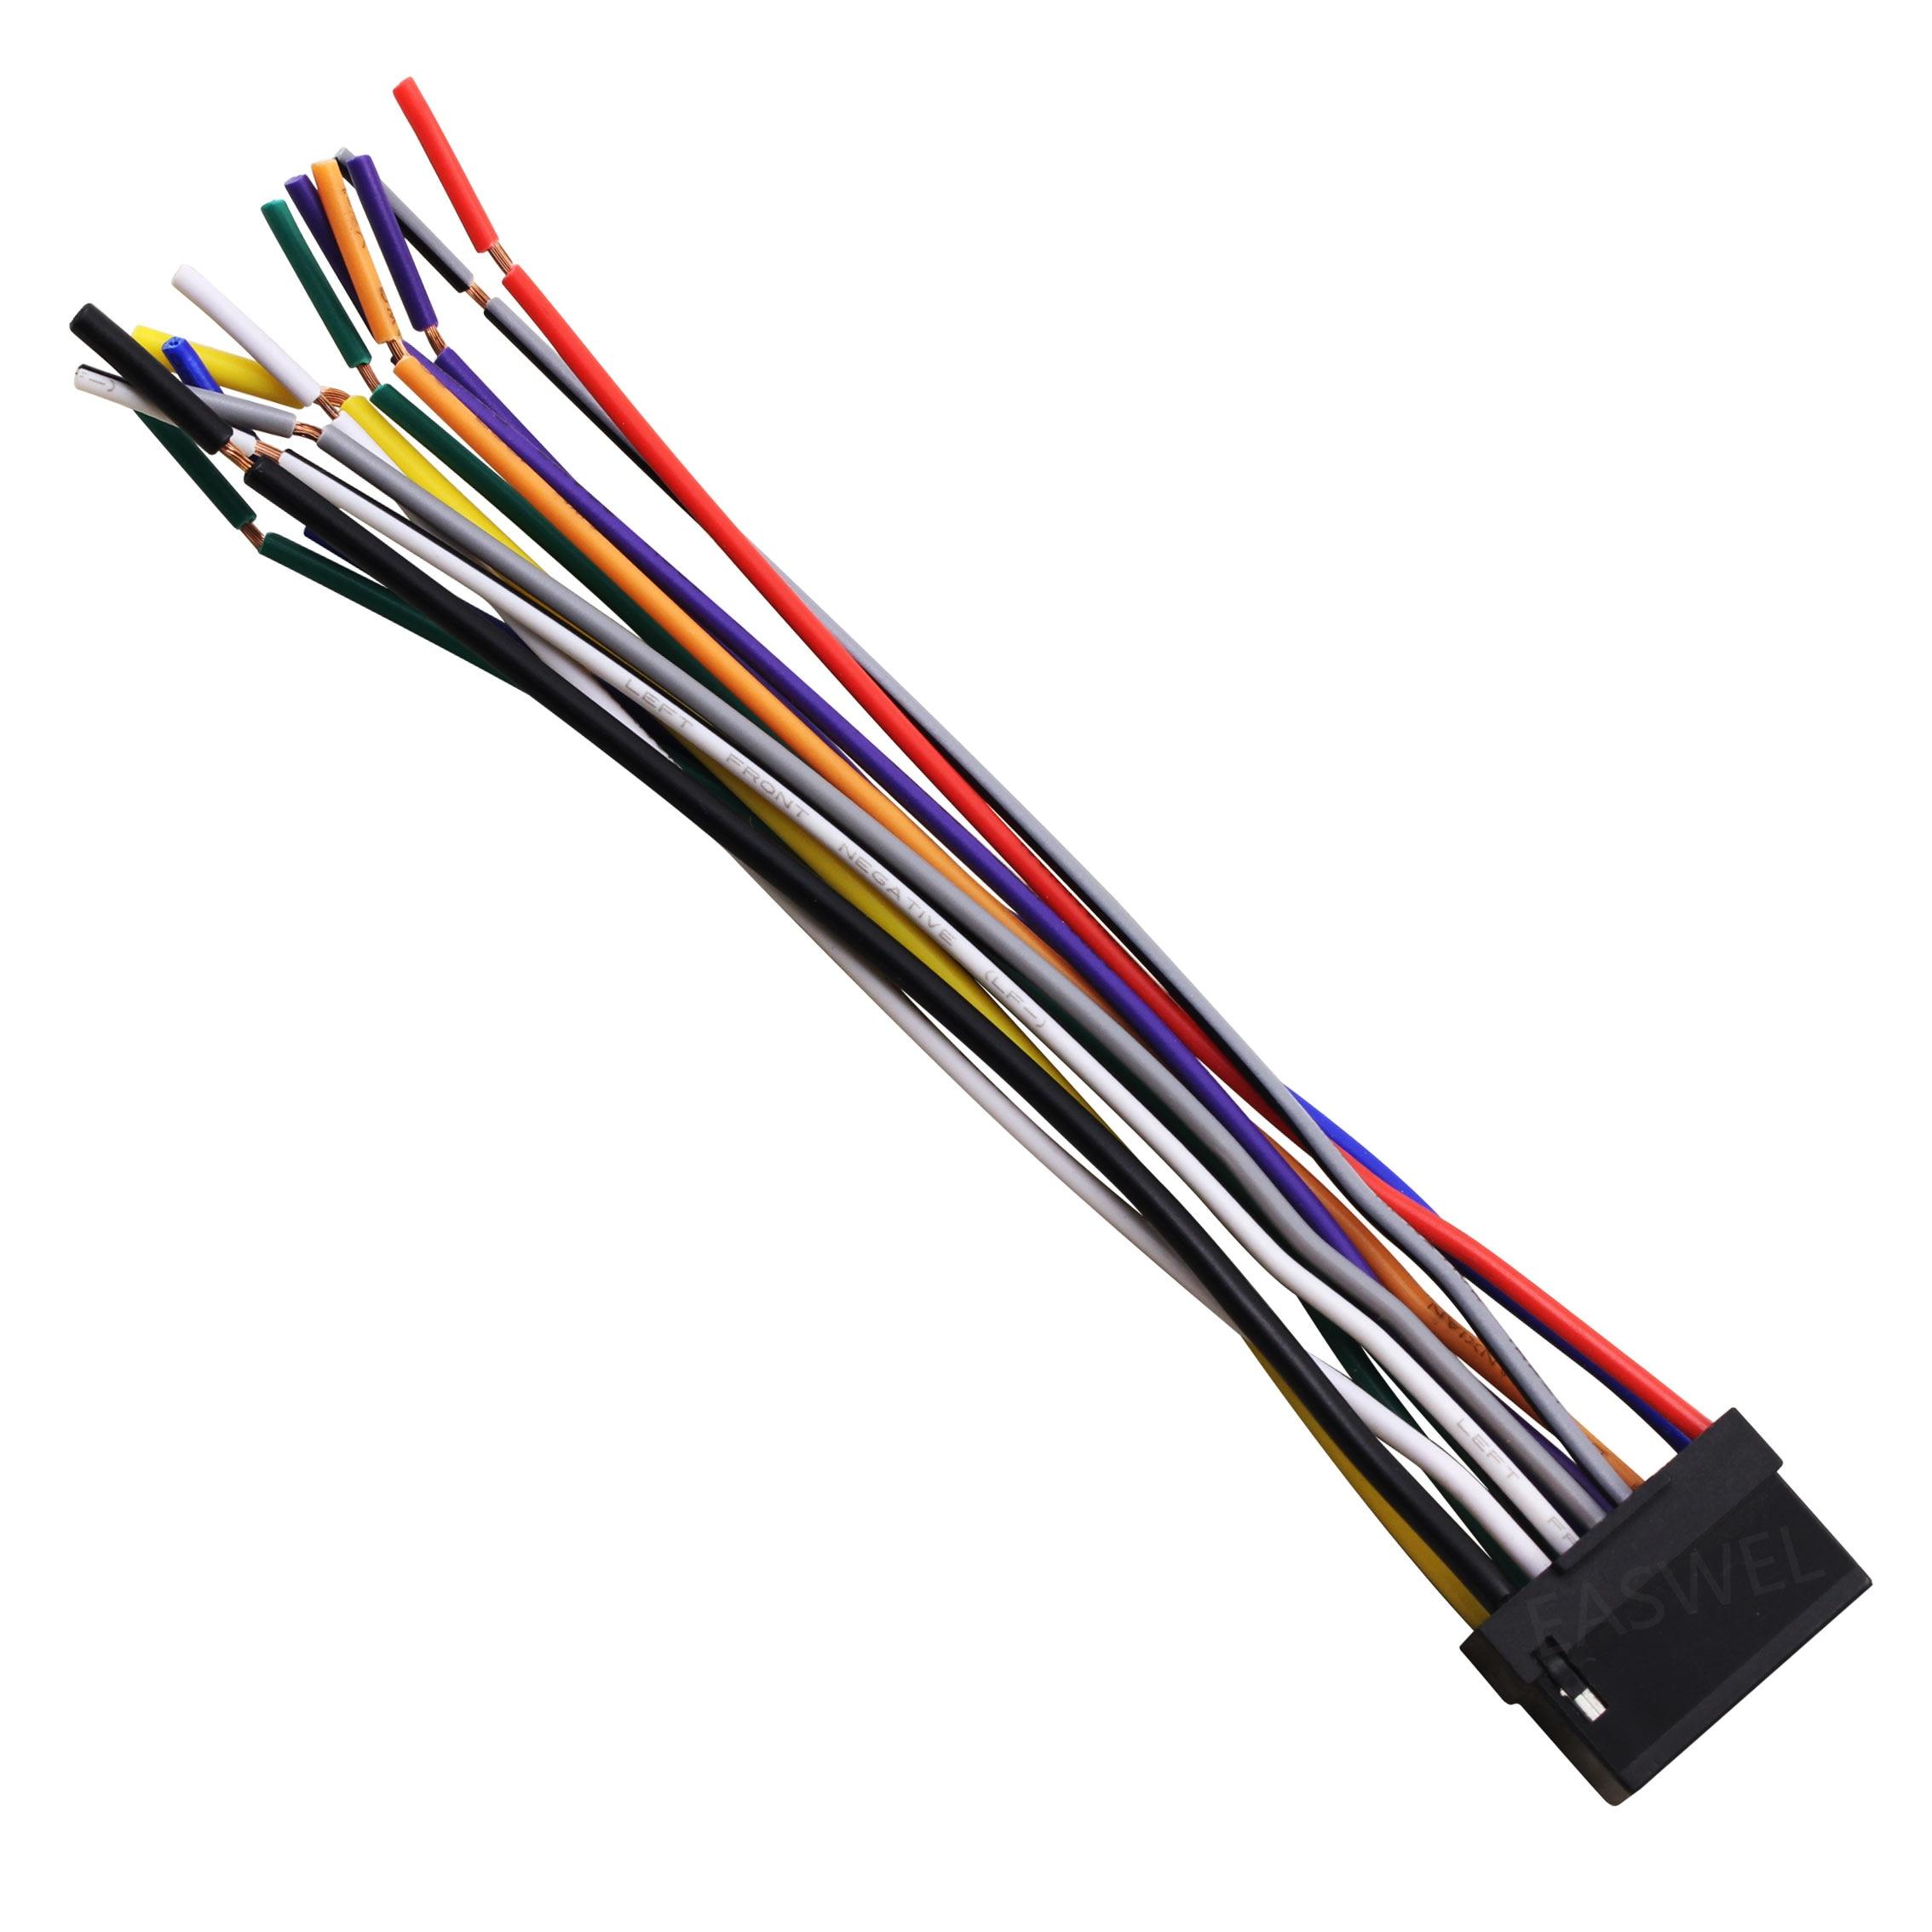 WIRE HARNESS FOR ALPINE CDE HD148BT CDEHD148BT CDE HD149BT CDEHD149BT CDE  SXM145BT CDESXM145BT CDE W235BT CDEW235BT DVA 9860E Data Cables  -  AliExpressAliExpress